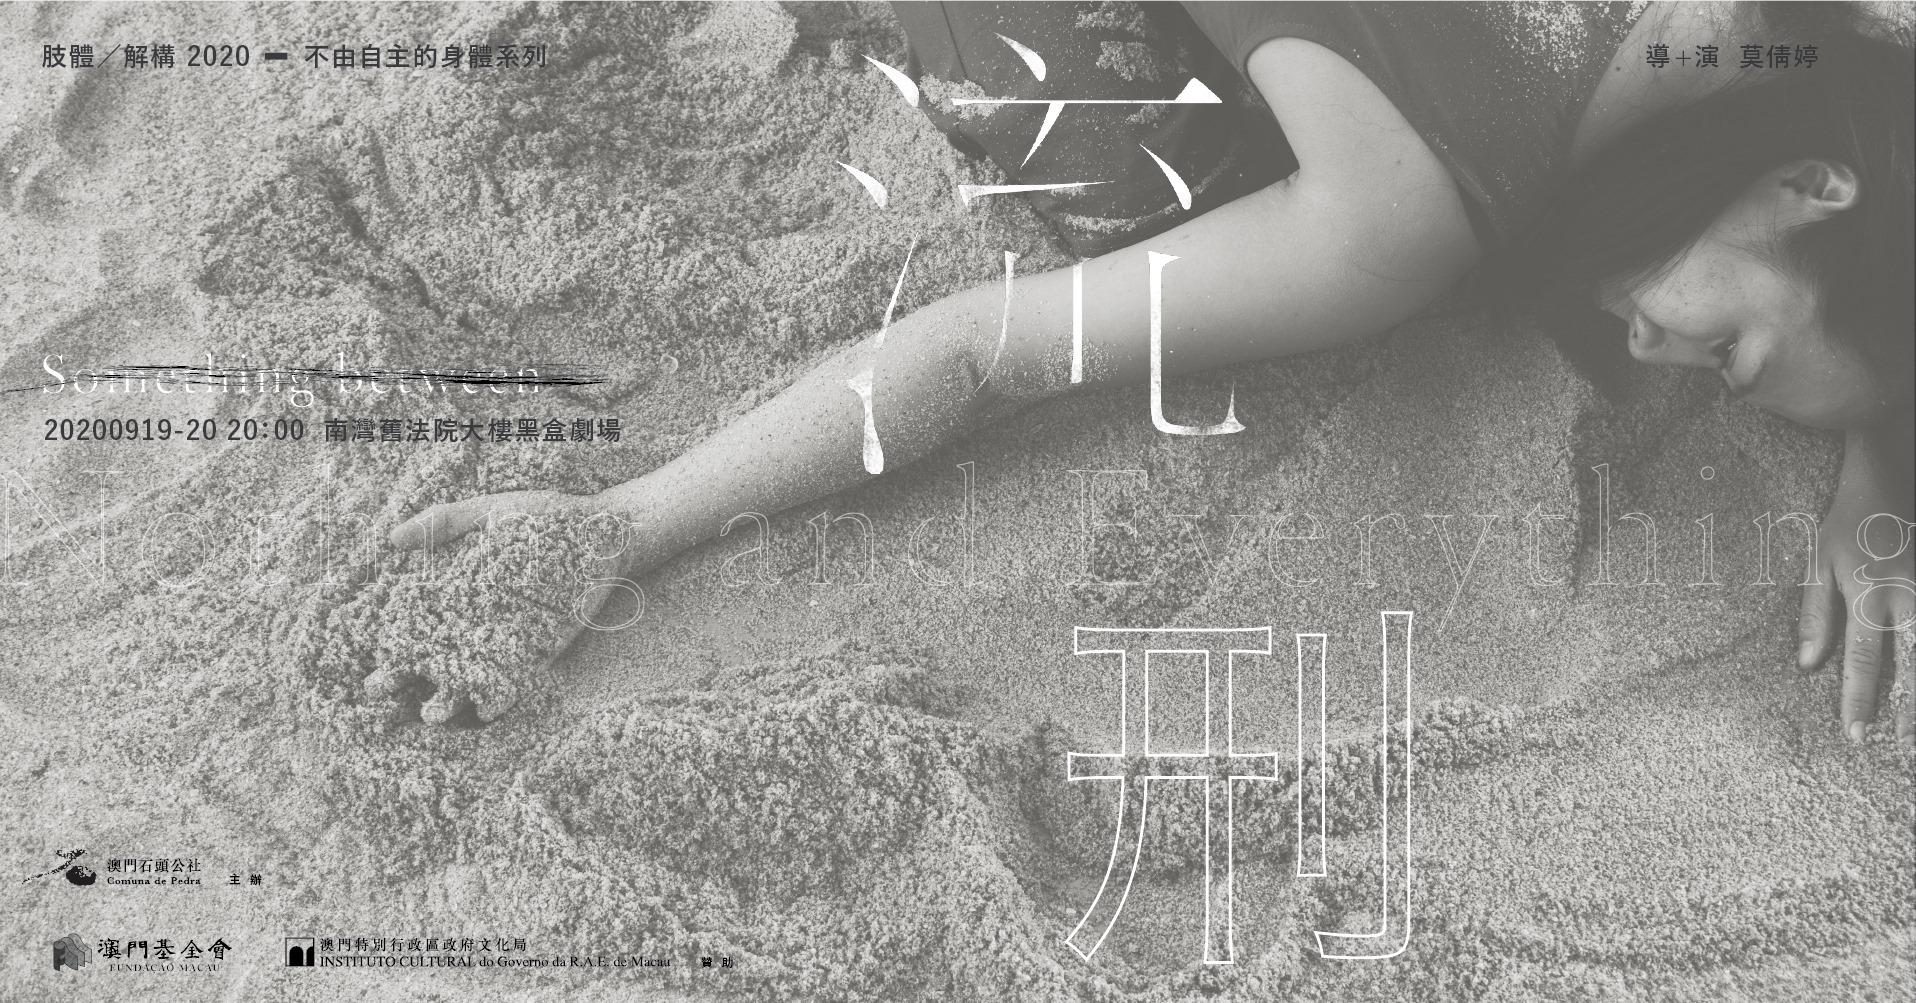 Teatro físico | Jenny Mok regressa a solo para reflectir sobre uma sociedade em mudança